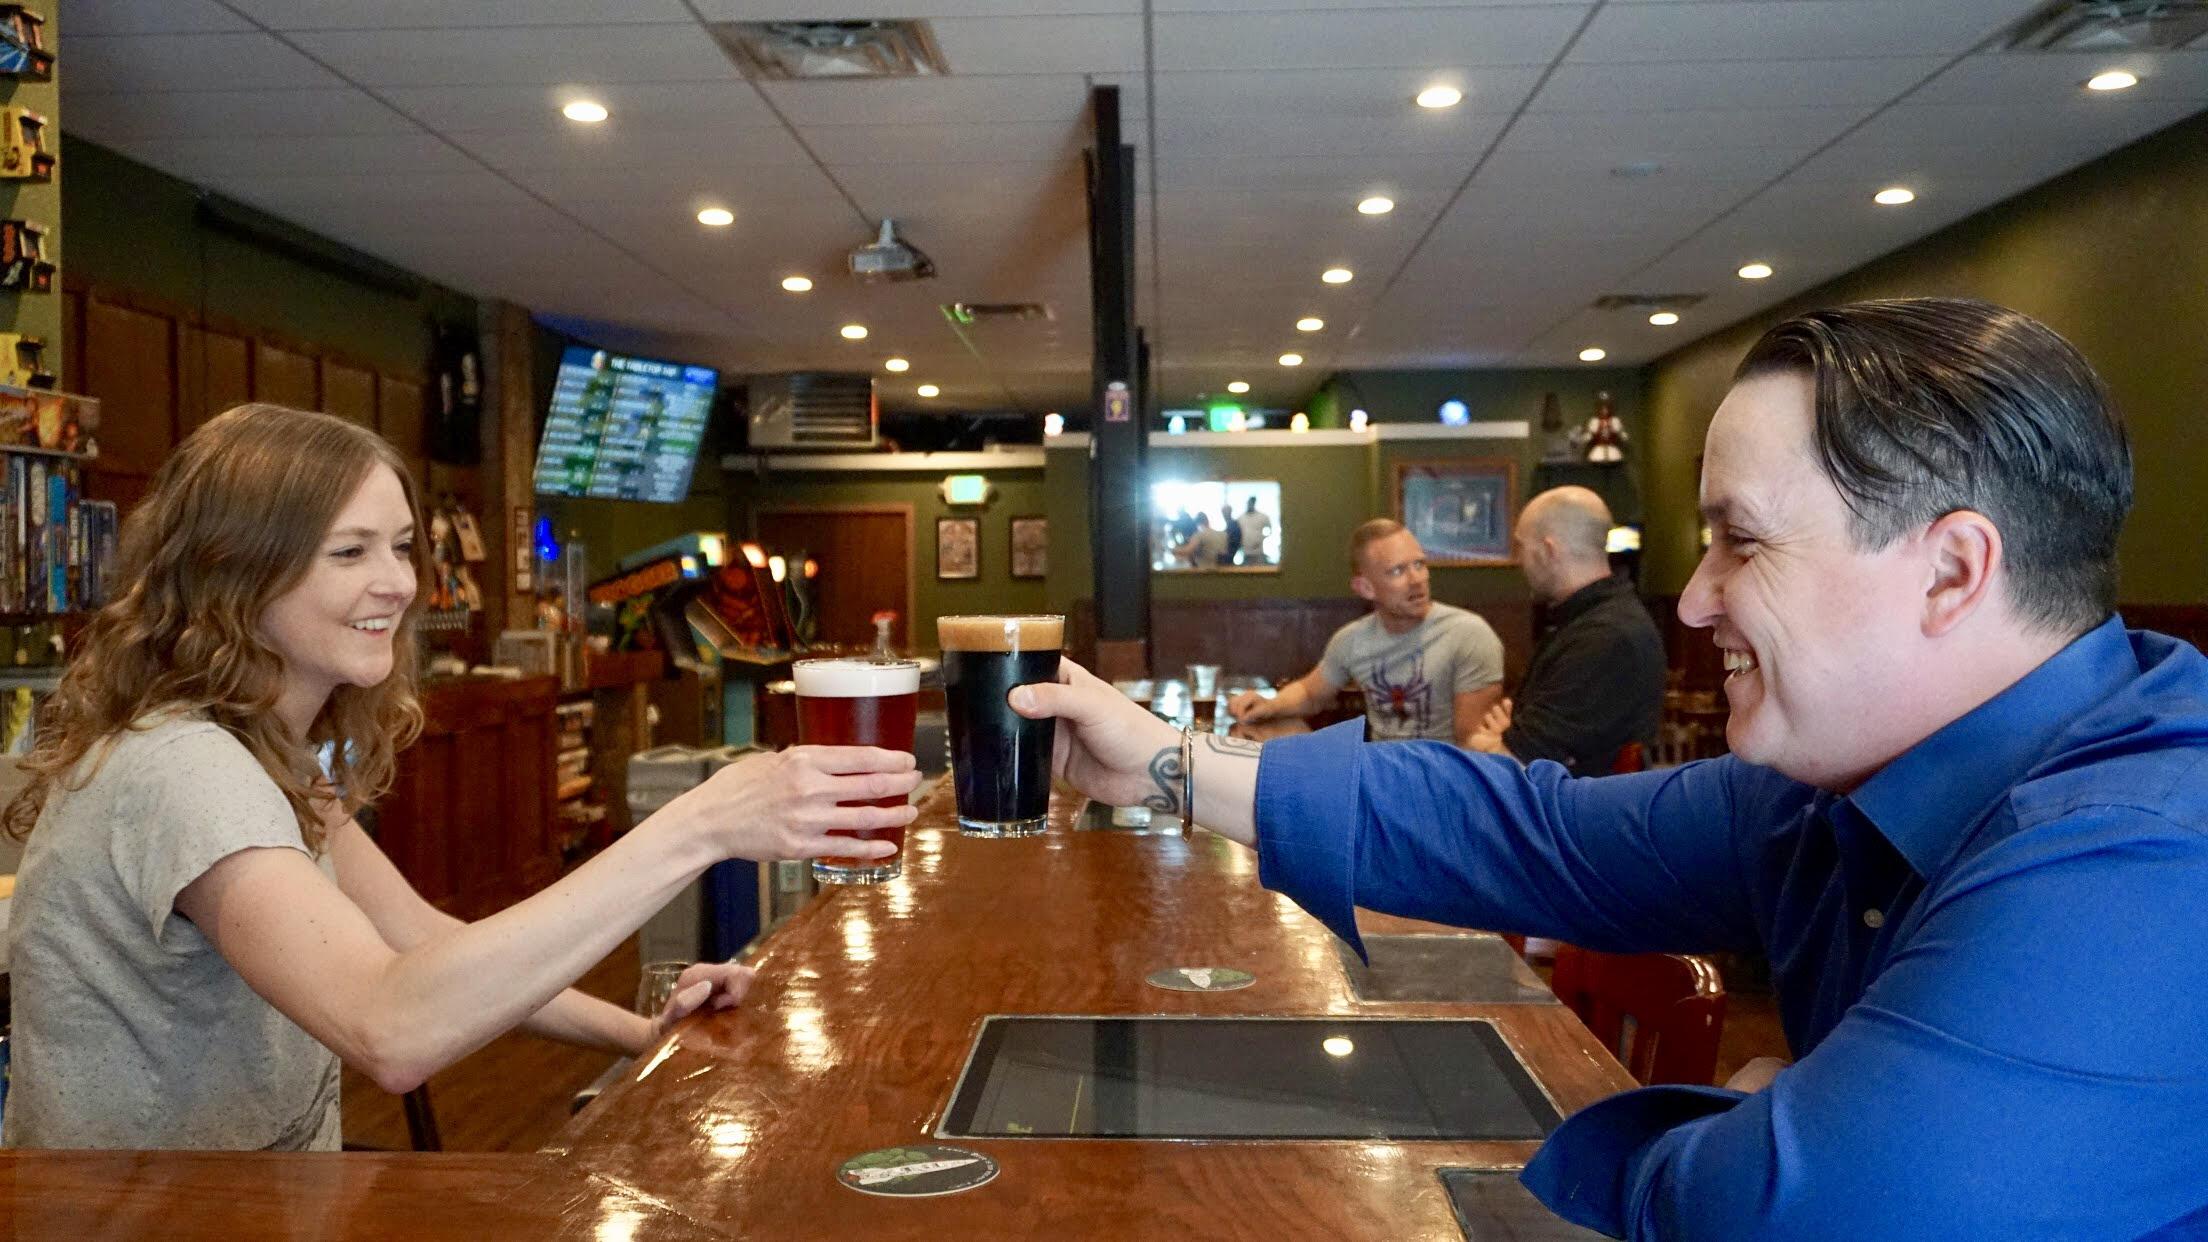 beer at tabletop.jpg